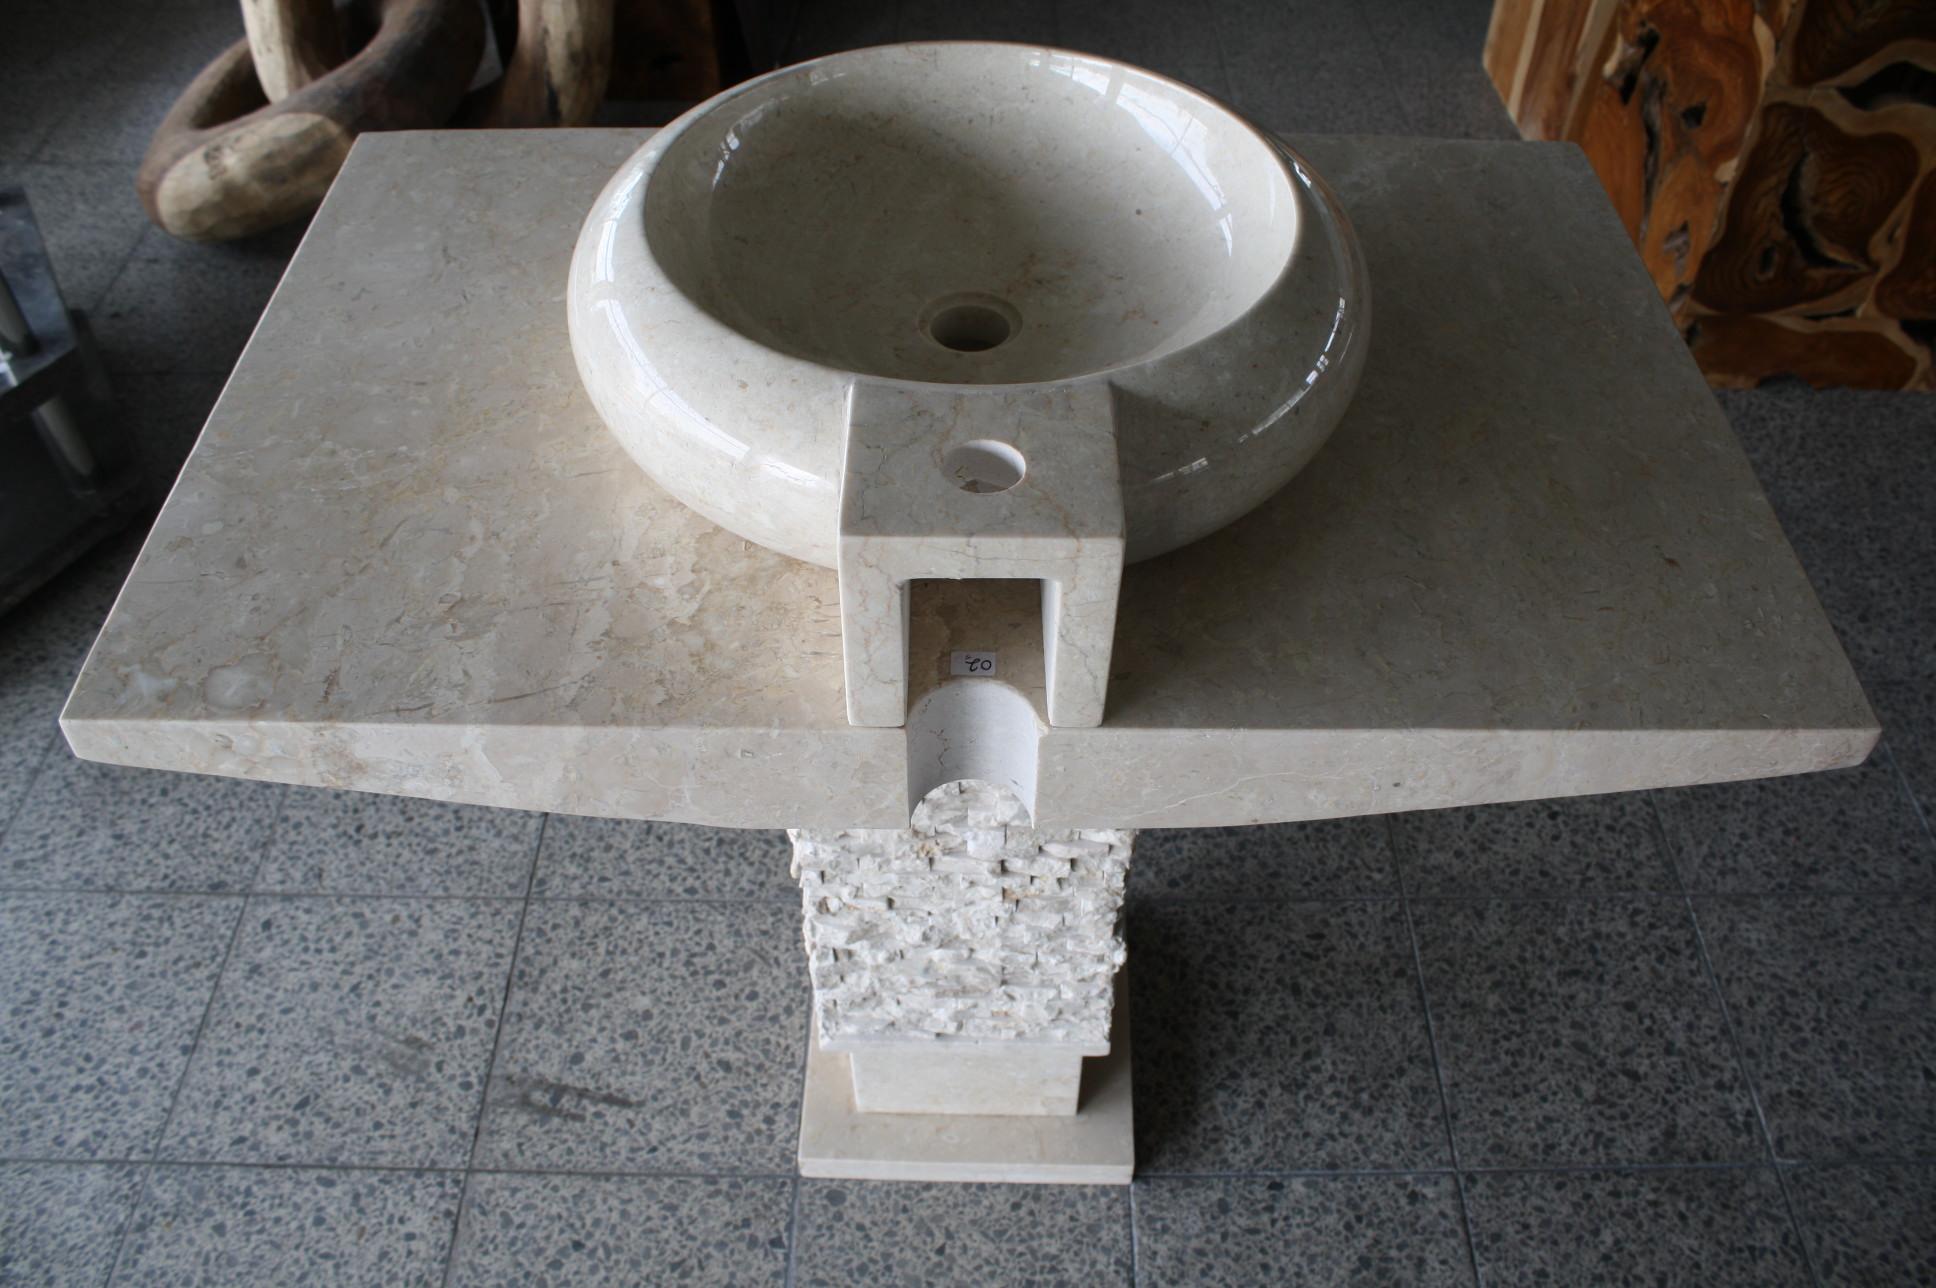 waschbecken waschtisch standwaschbecken handwaschbecken stein marmor restposten ebay. Black Bedroom Furniture Sets. Home Design Ideas